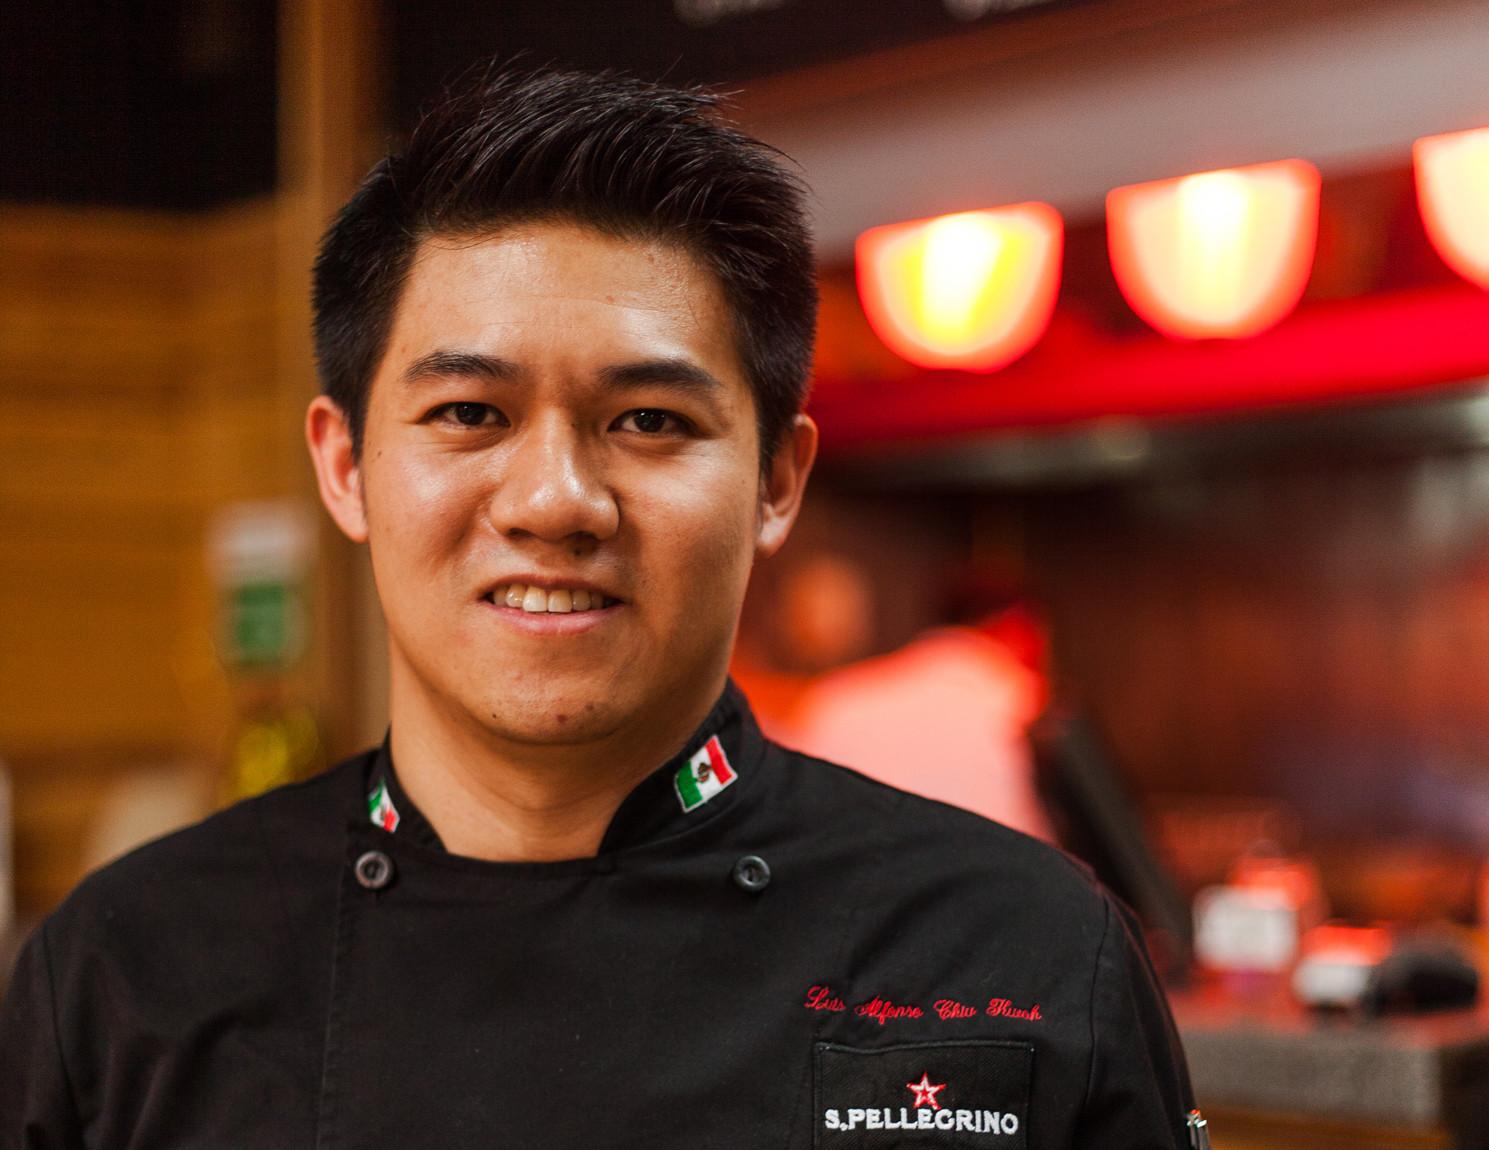 Diarios de cocina: chef Luis Chiu